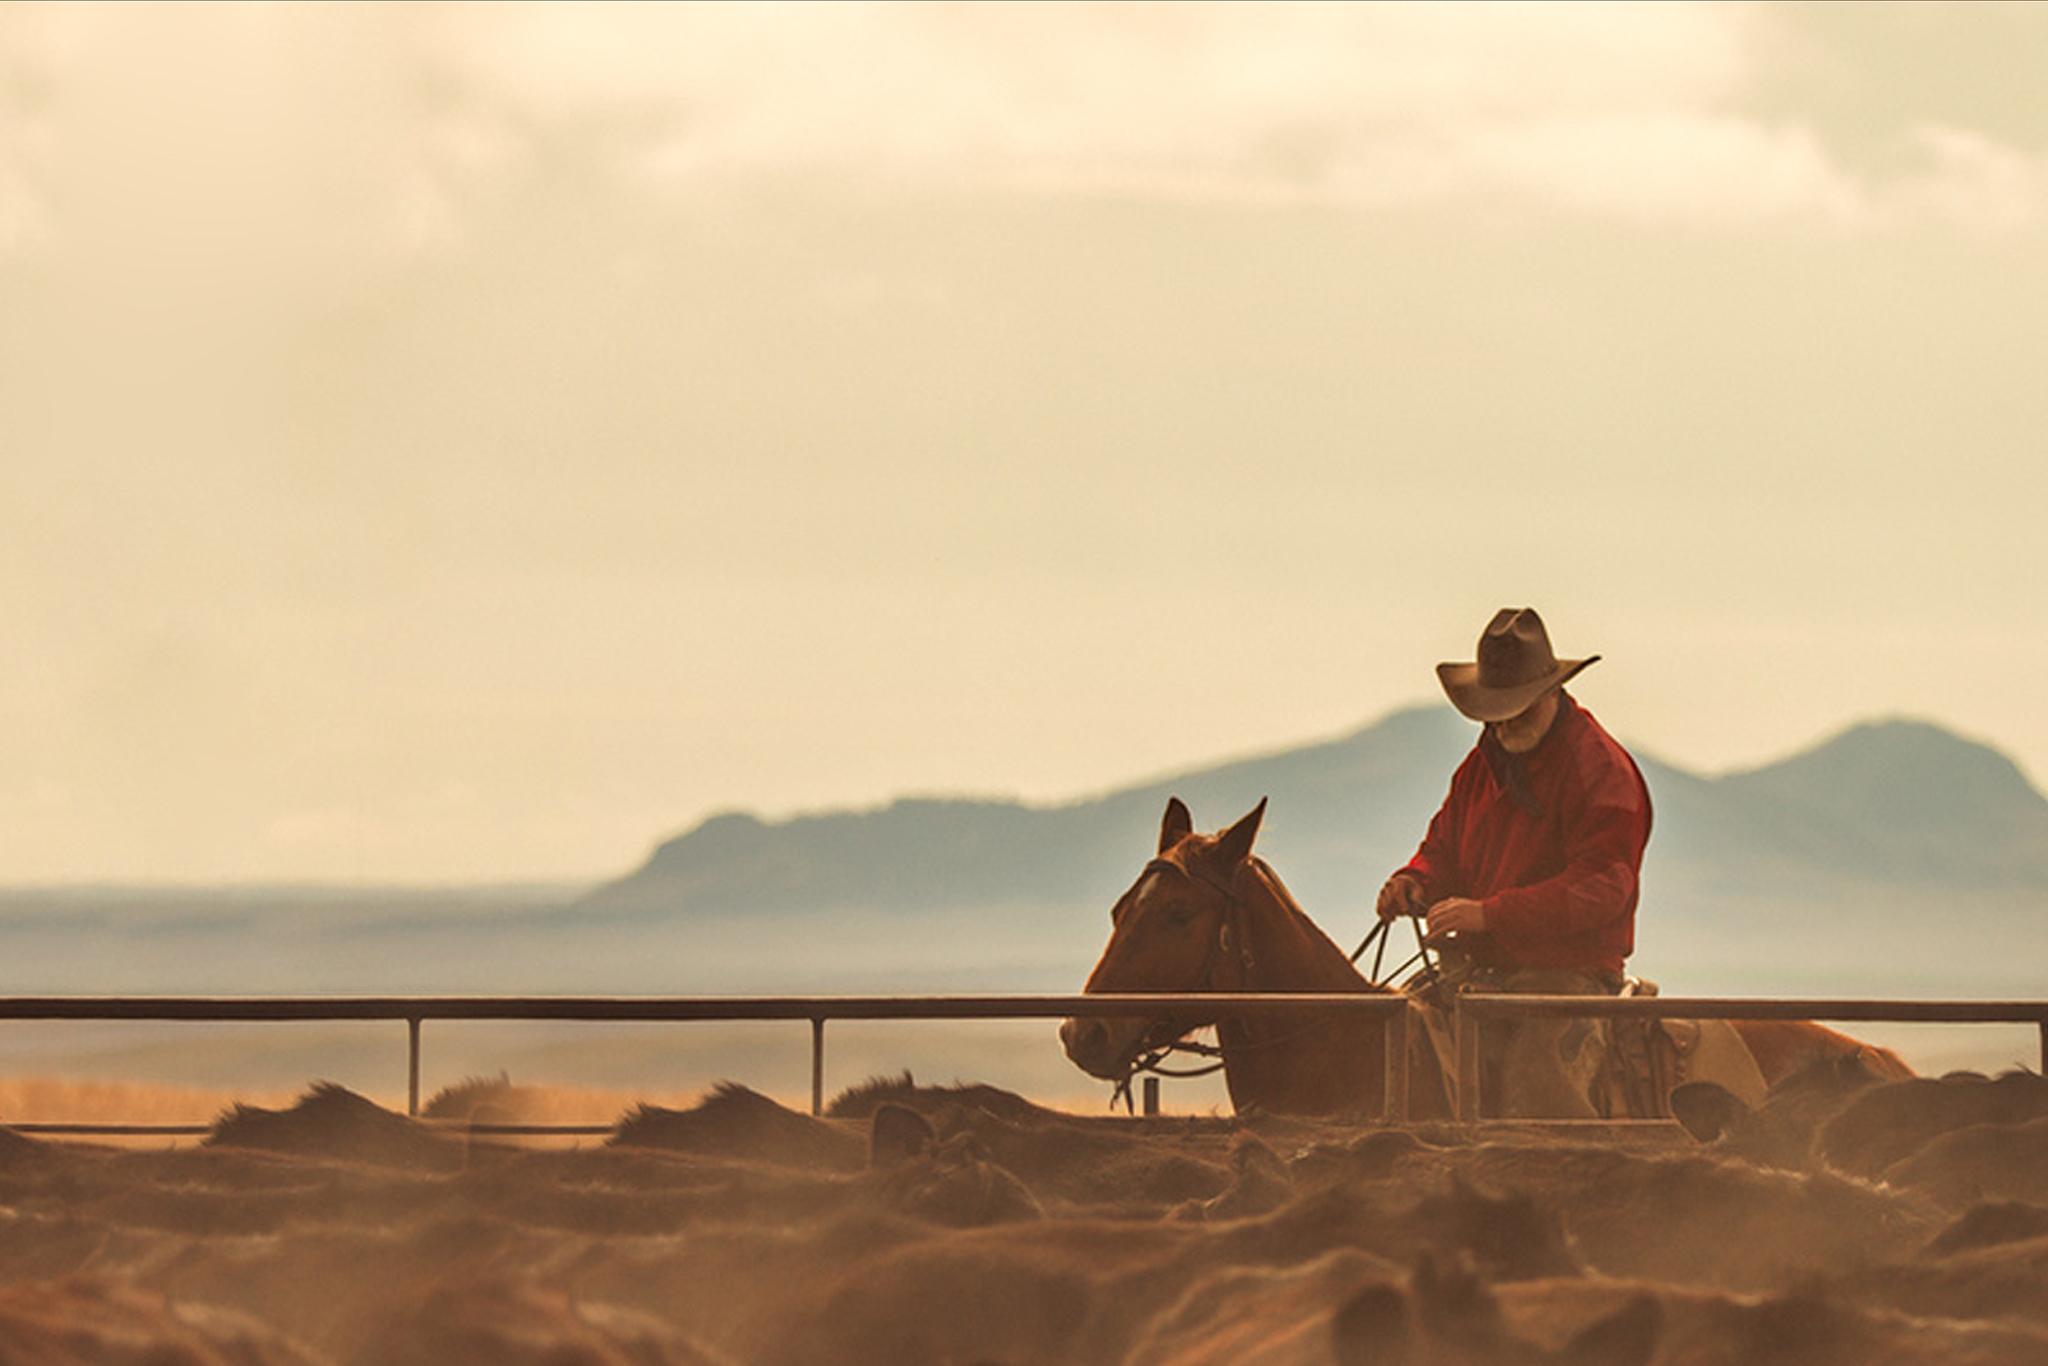 Rancher working cattle on horseback